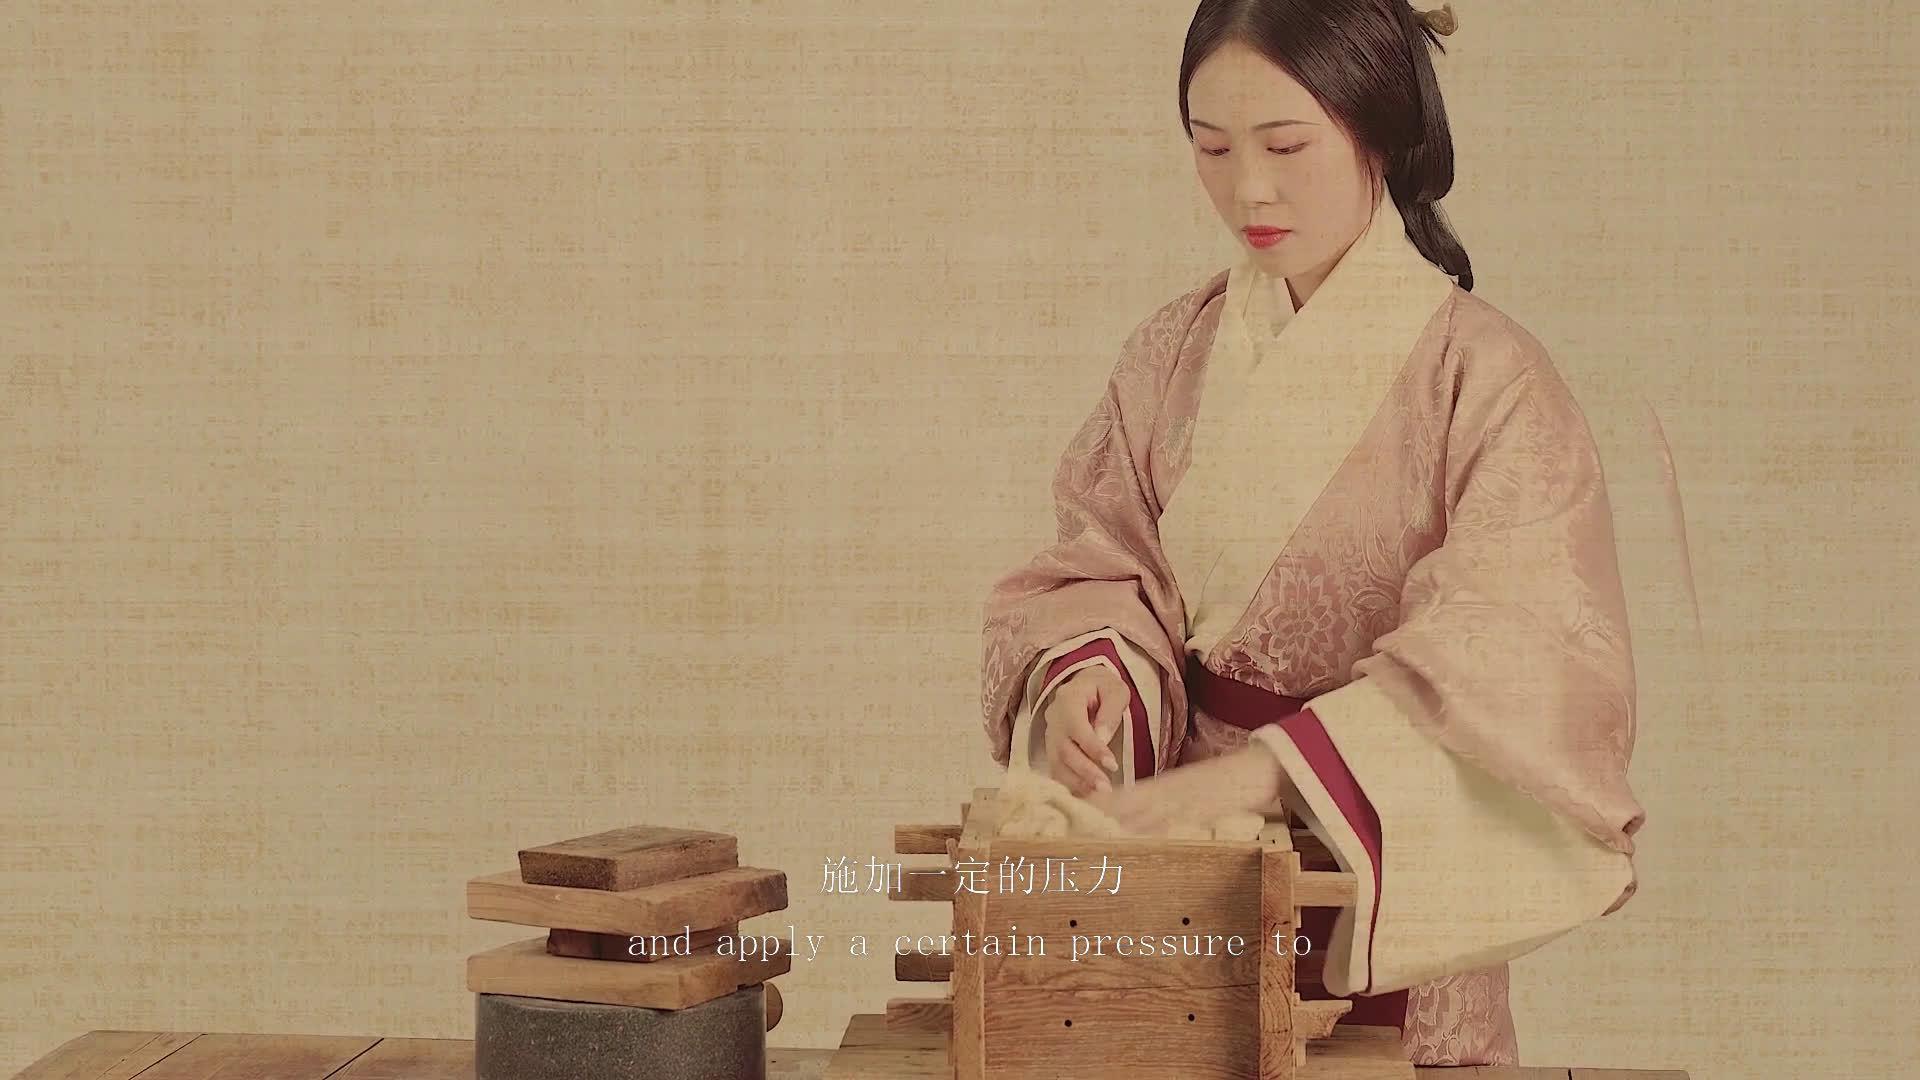 汉服淮南出品 古法豆腐制作复原!